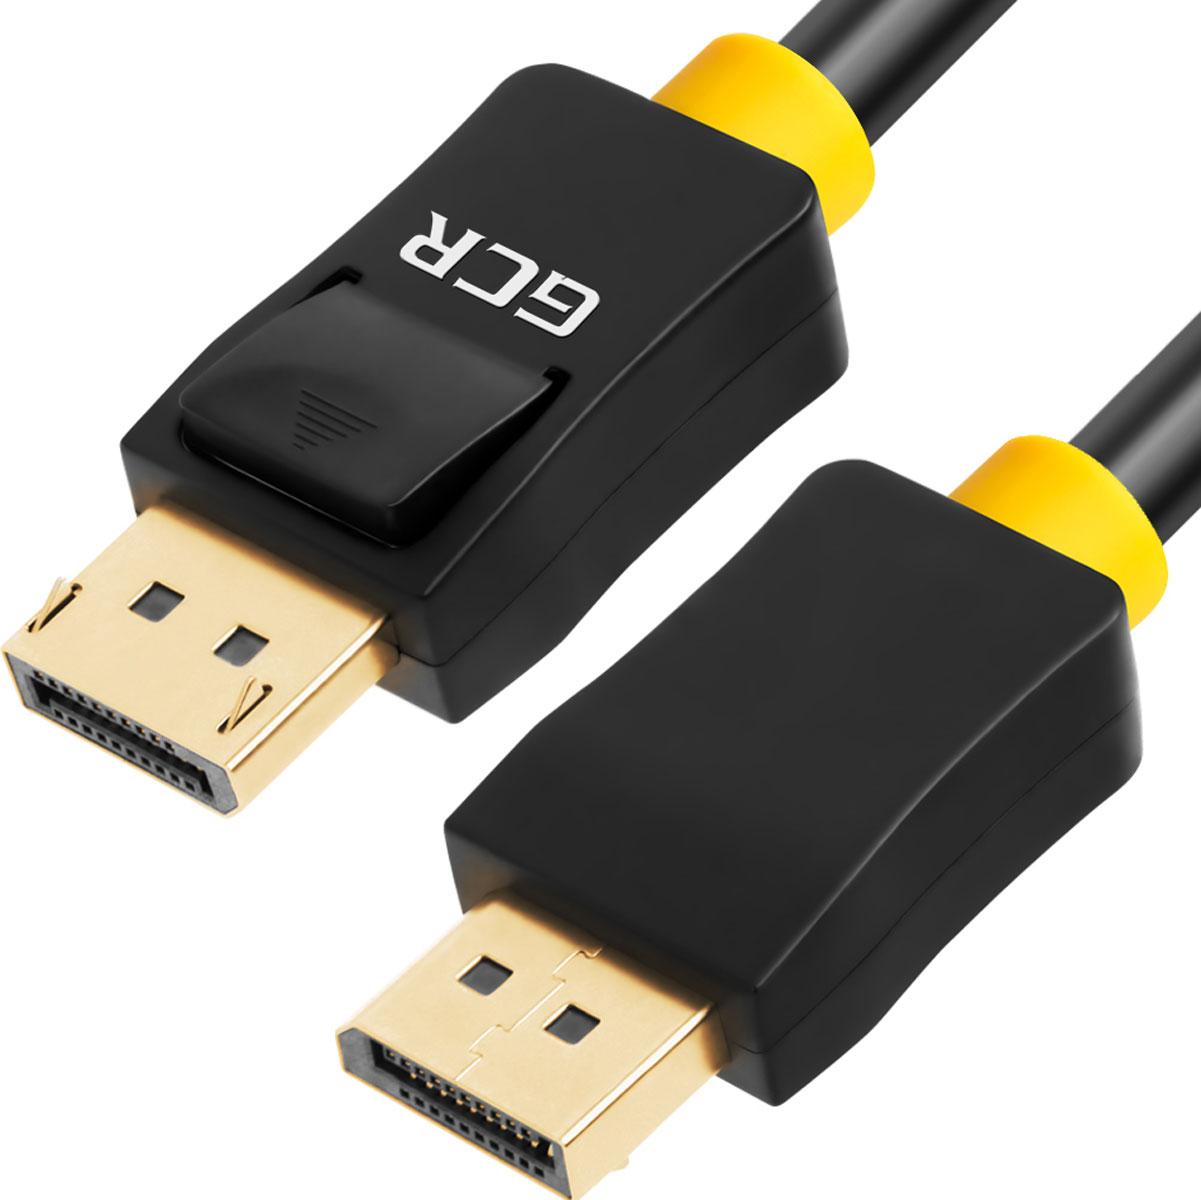 Greenconnect GCR-DP2DP кабель DisplayPort (1 м)GCR-DP2DP-1.0mКабель Greenconnect GCR-DP2DP предназначен для устройств Displayport. Например, вы можете подключить монитор к компьютеру для передачивидео и аудио сигнала. Он также может быть использован для подключения ТВ к компьютеру, DVD-плееру и другим устройствам. Экранированиекабеля позволит защитить сигнал при передаче от влияния внешних полей, способных создать помехи. Пропускная способность интерфейса: до 10,8 Гбит. Тип разъемов кабеля или переходника: 20M [штекер]/20M (штекер), позолоченные контакты.